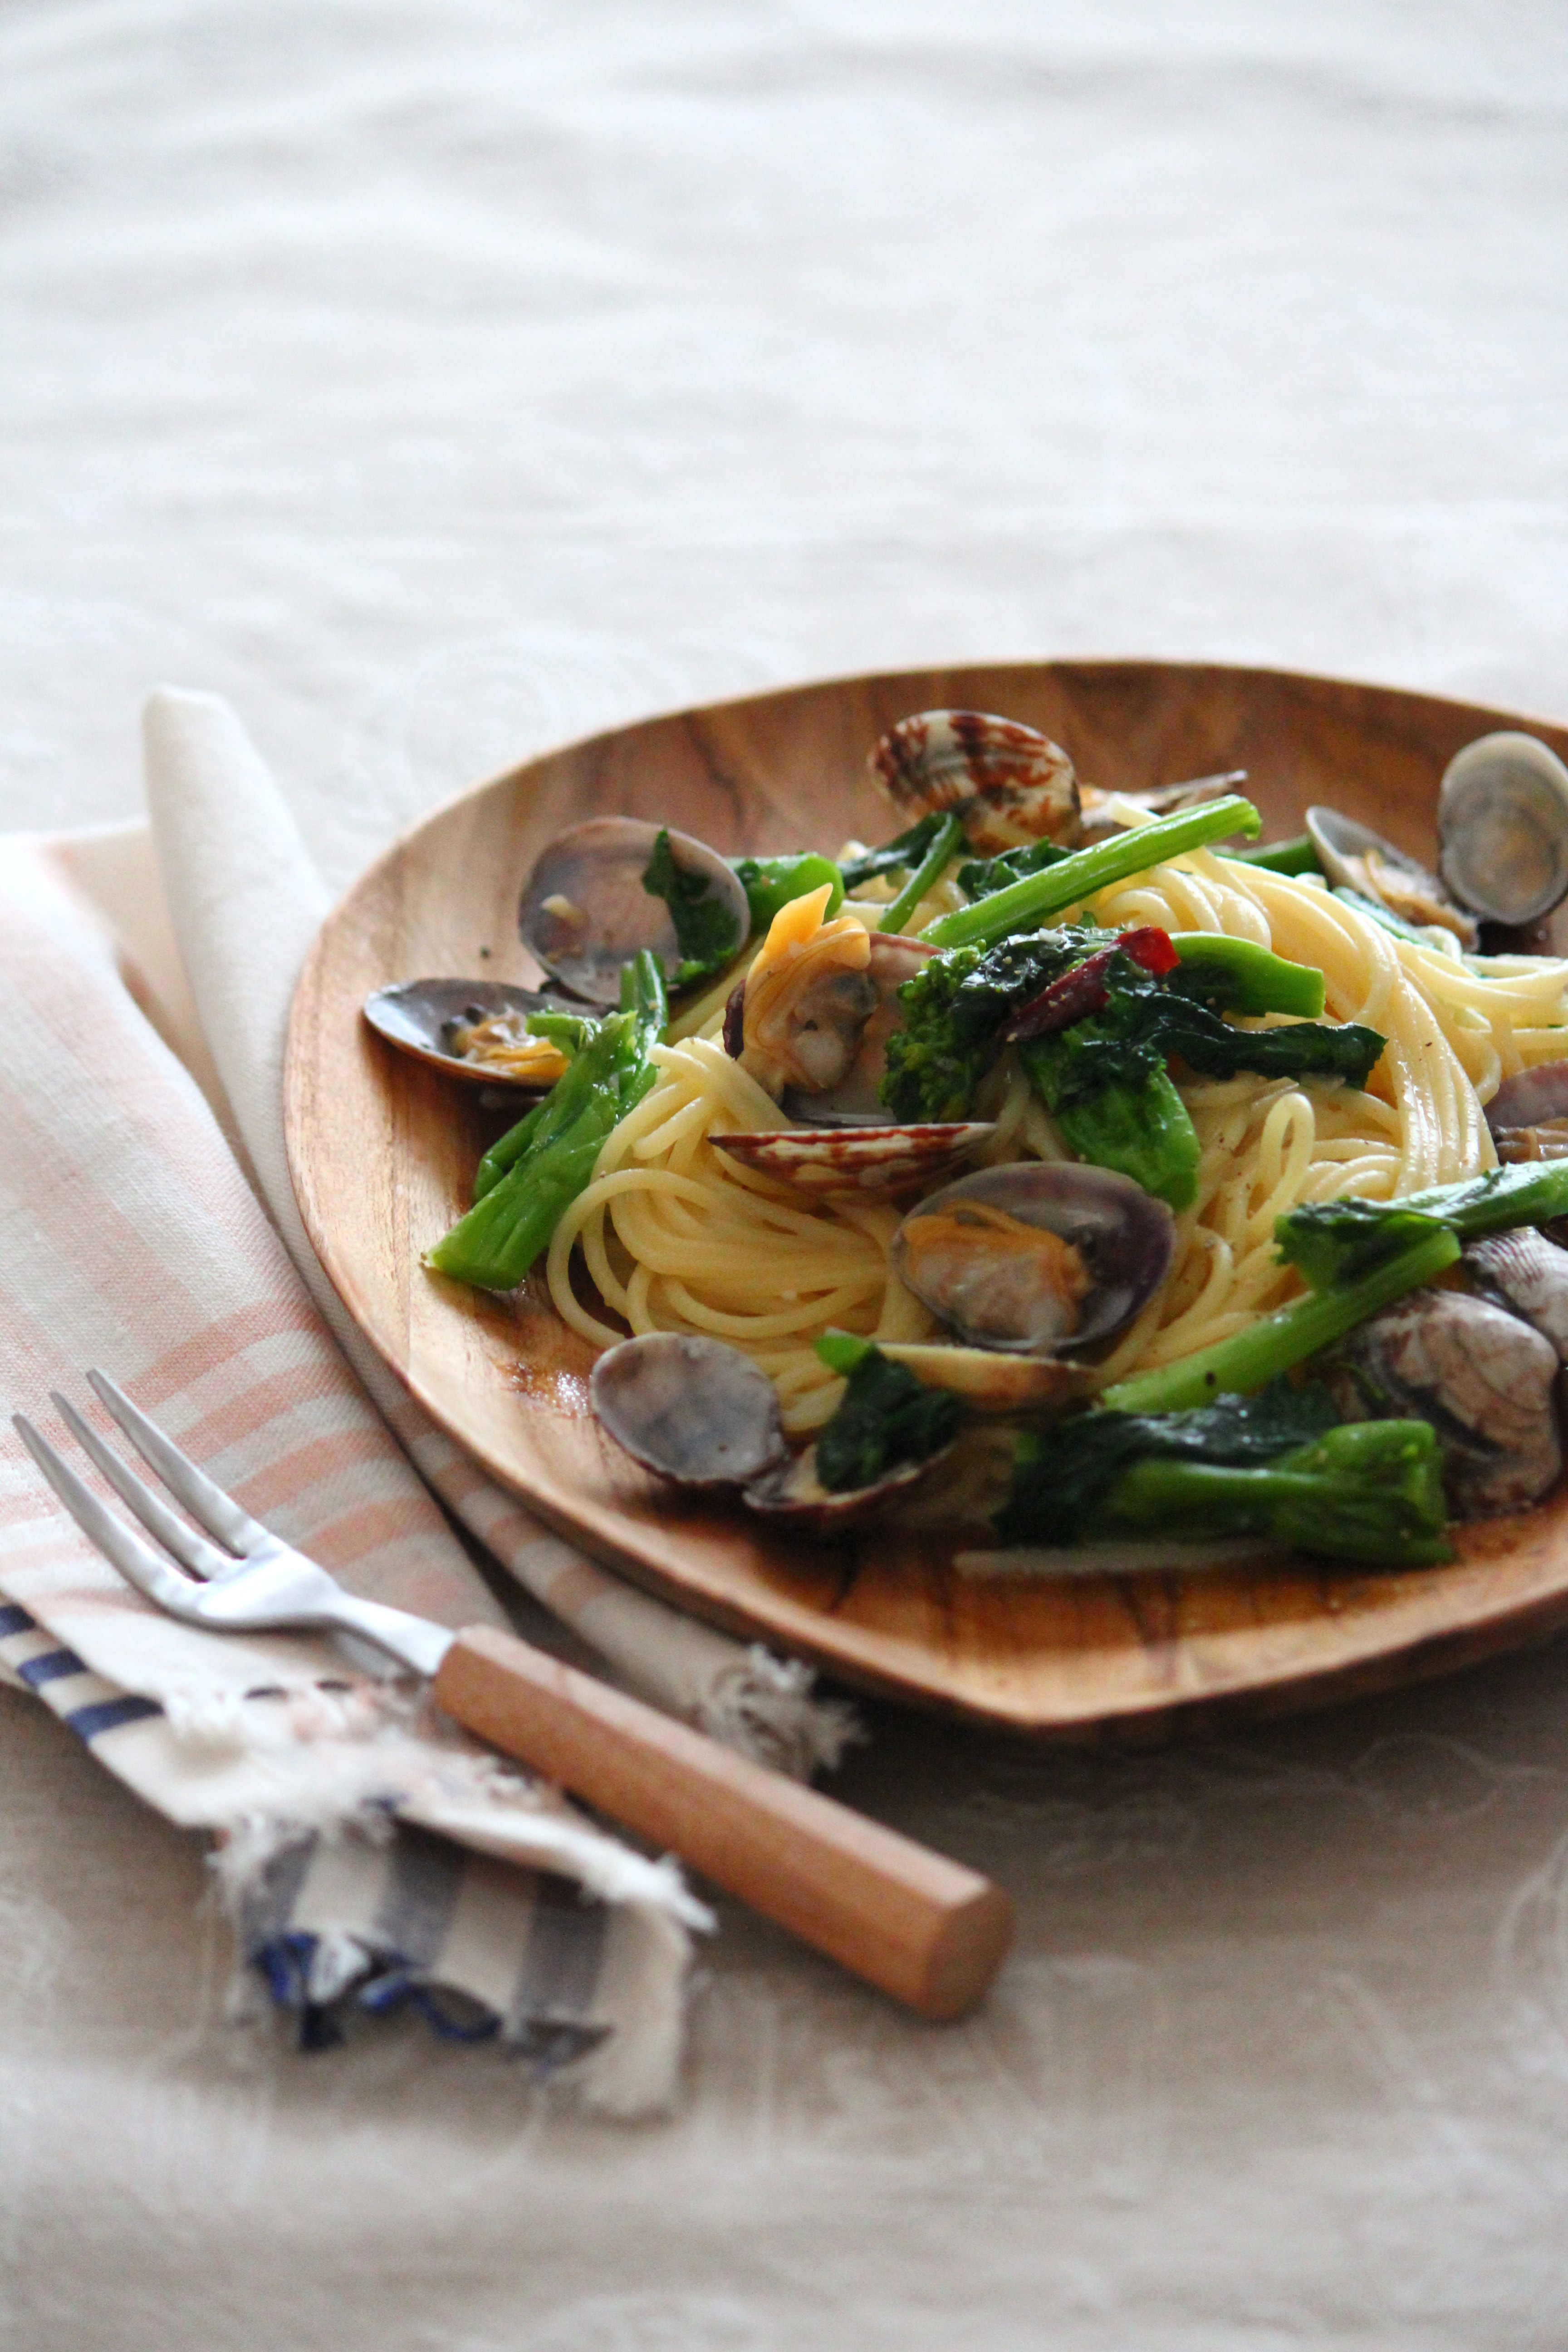 栁川香織(Cho-coco):クレハ様 新レシピが公開されました。